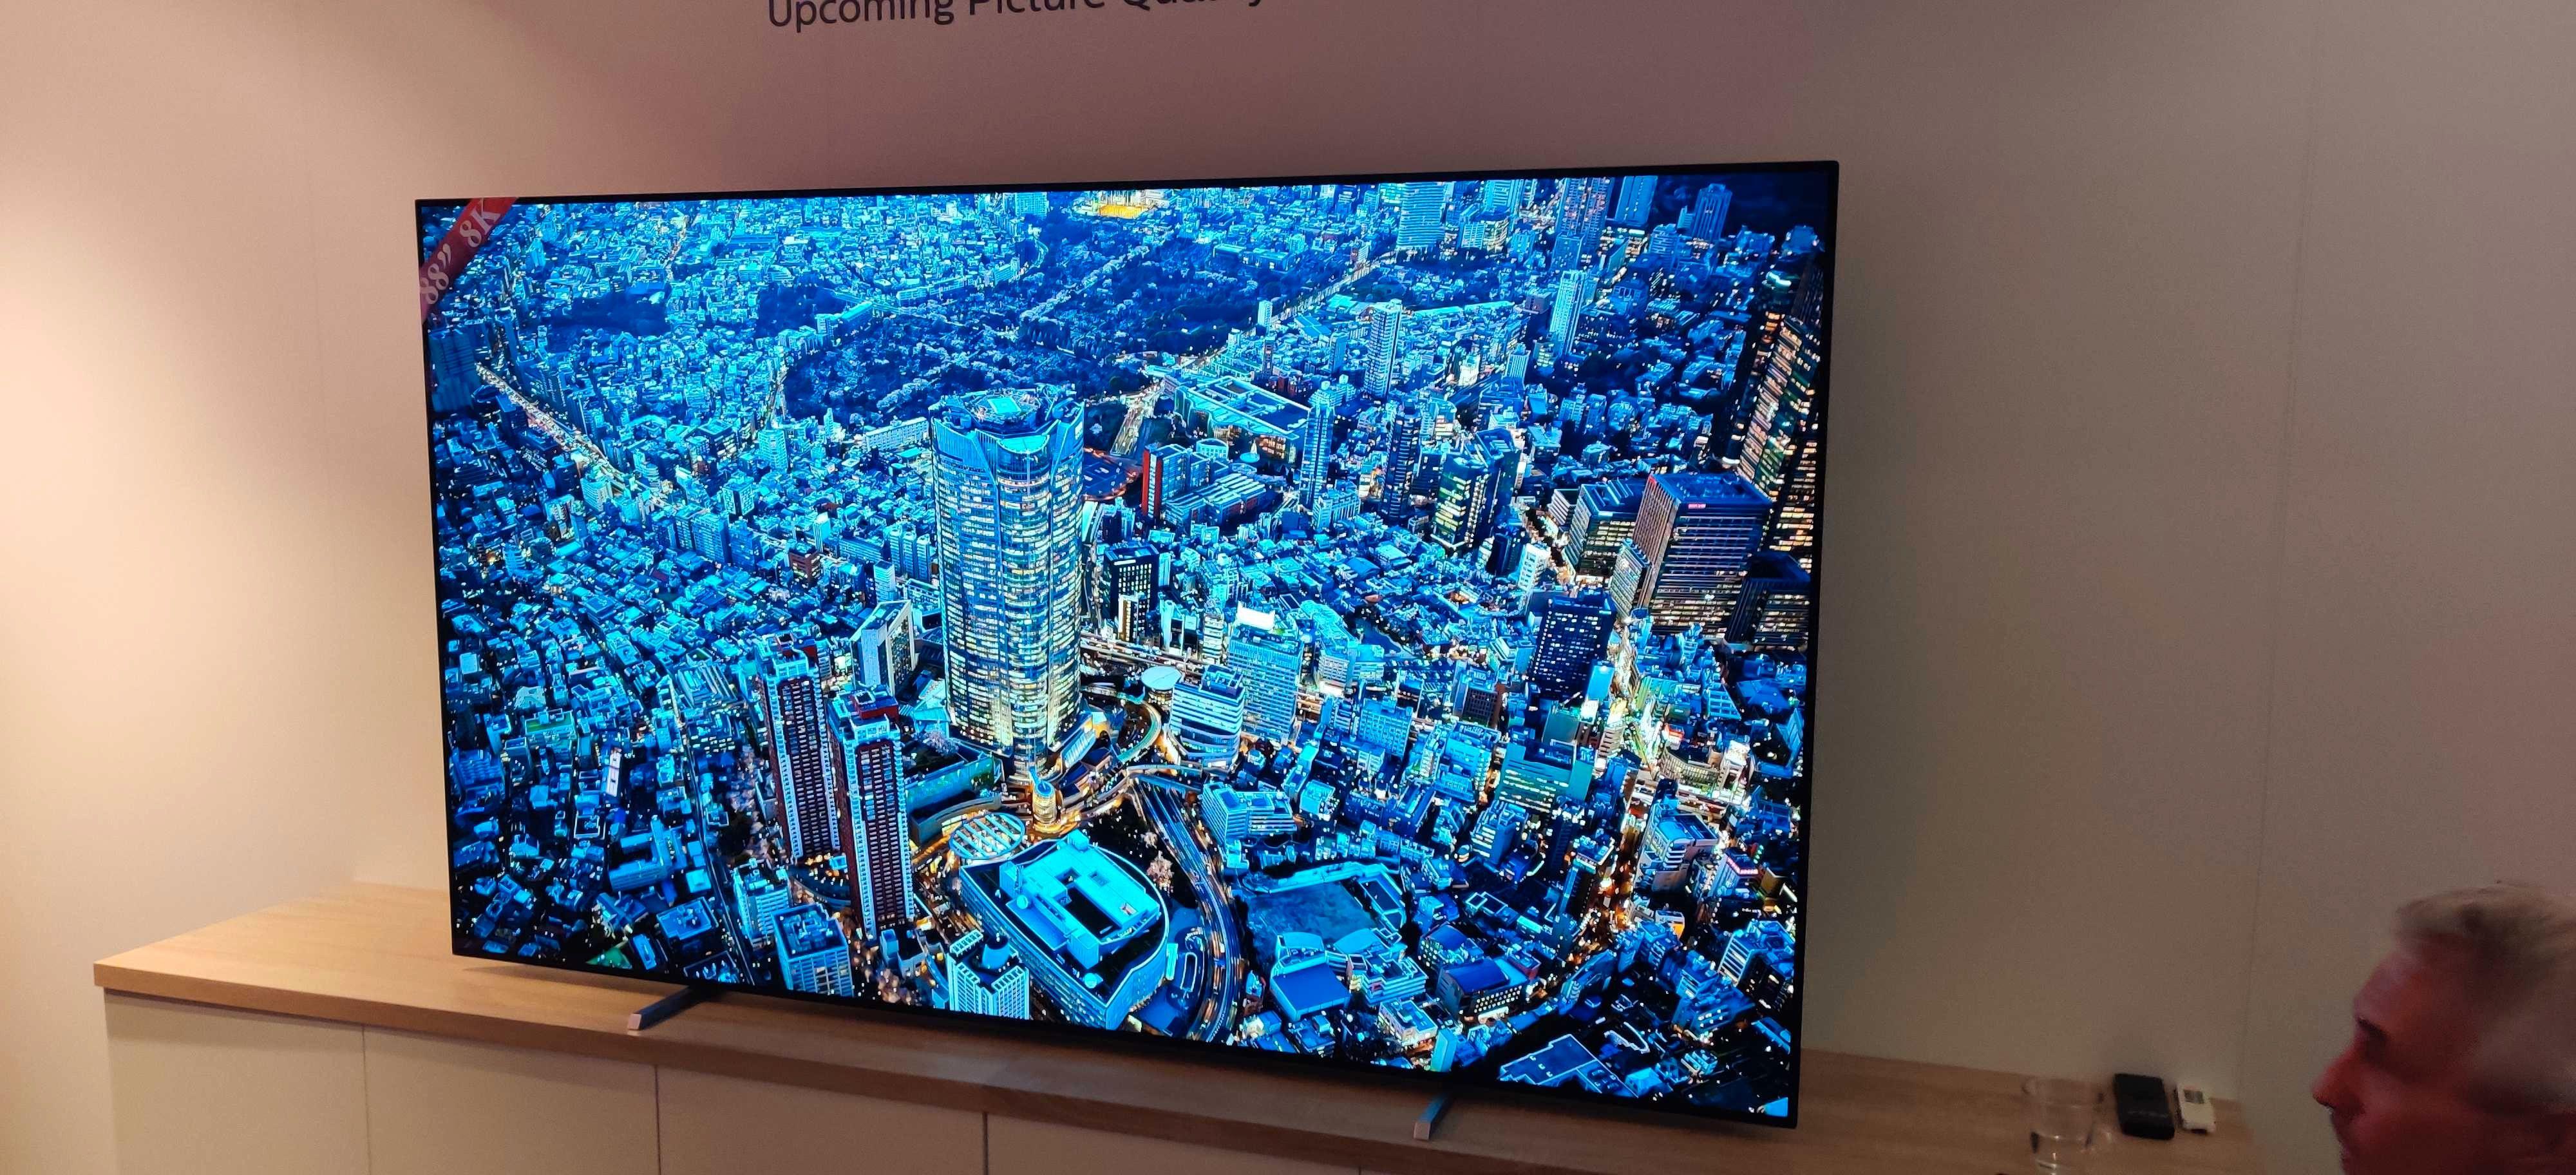 Philips viste frem en 88 tommer stor 8K-skjerm som angivelig er klar for produksjon. Men foreløpig lar den vente på seg i påvente av mer etterspørsel sier selskapet.